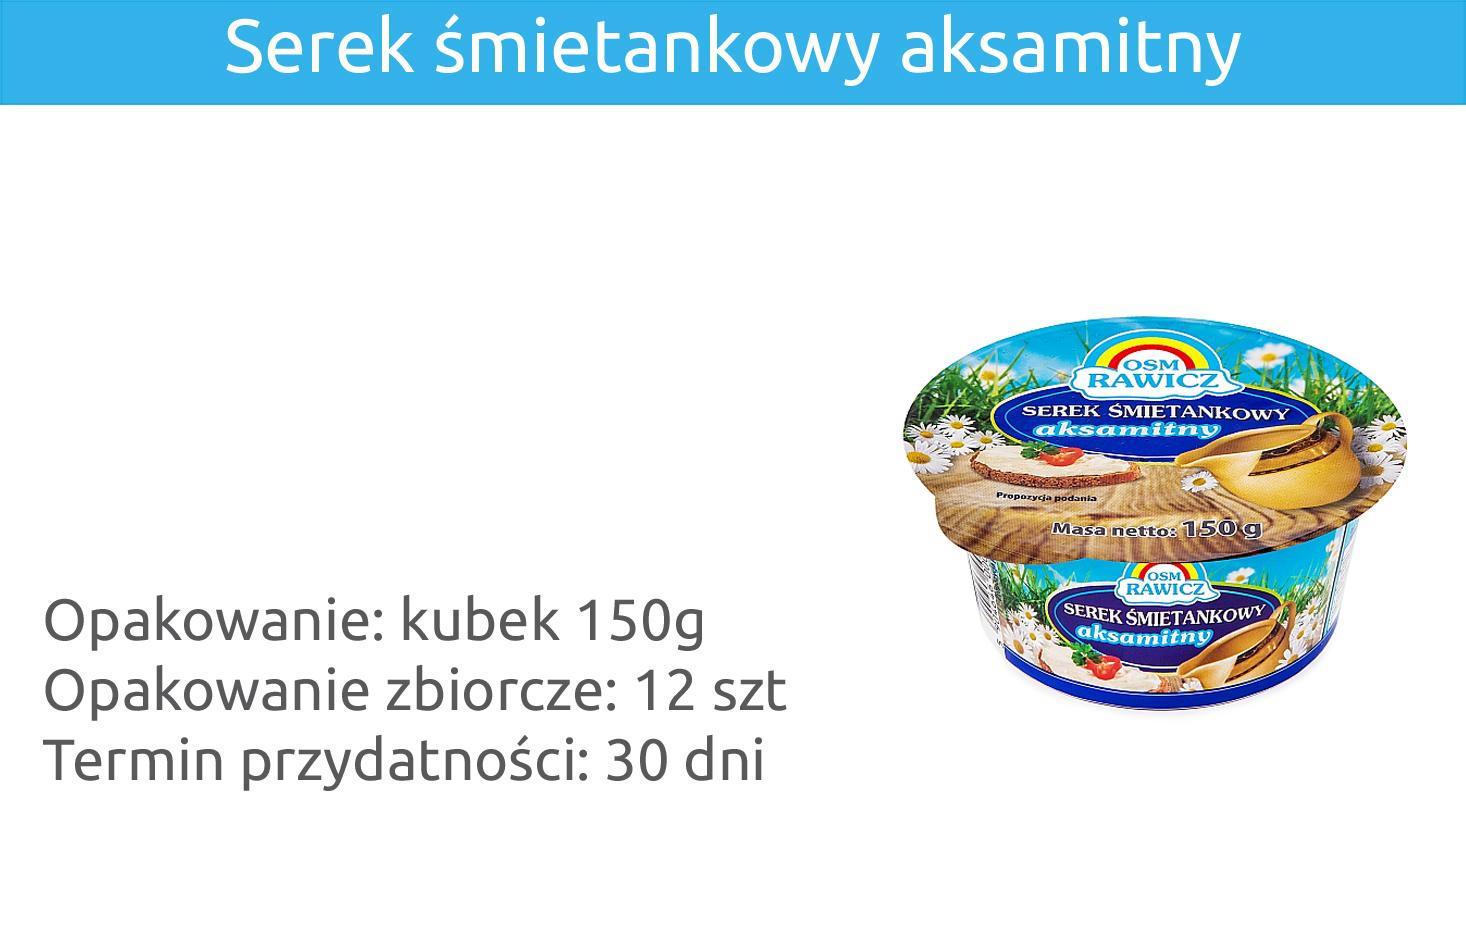 ser-smietankowy-aksamitny